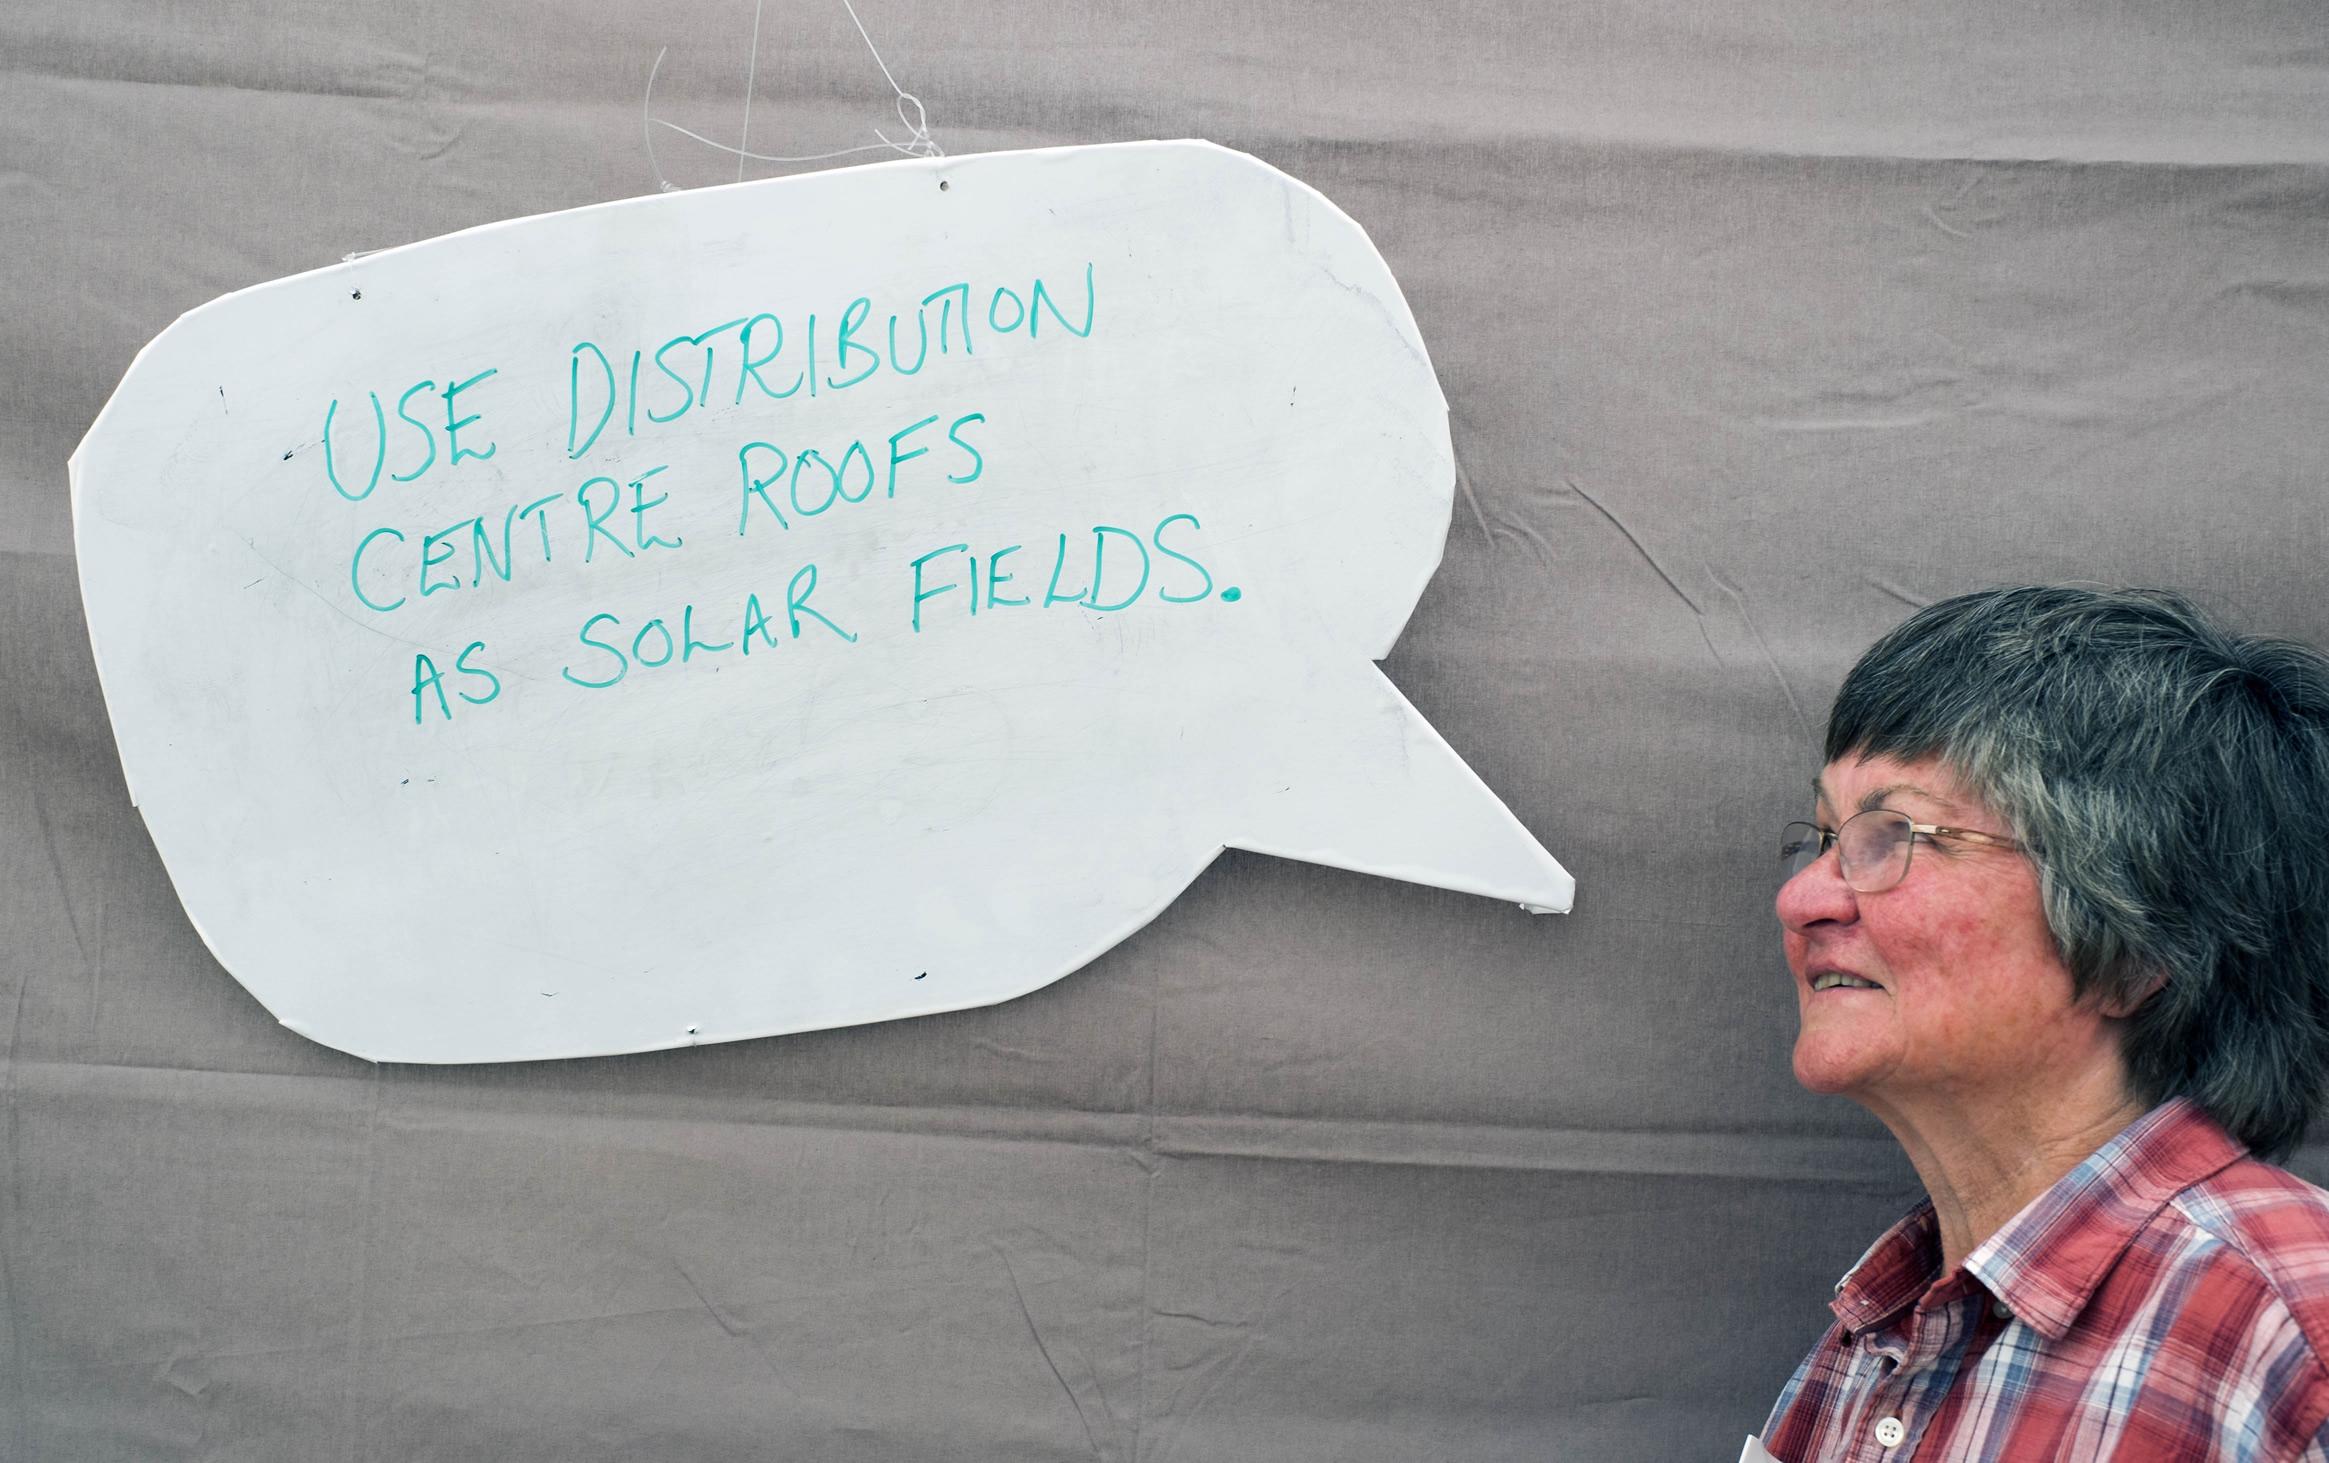 Jules: solar fields on roofs